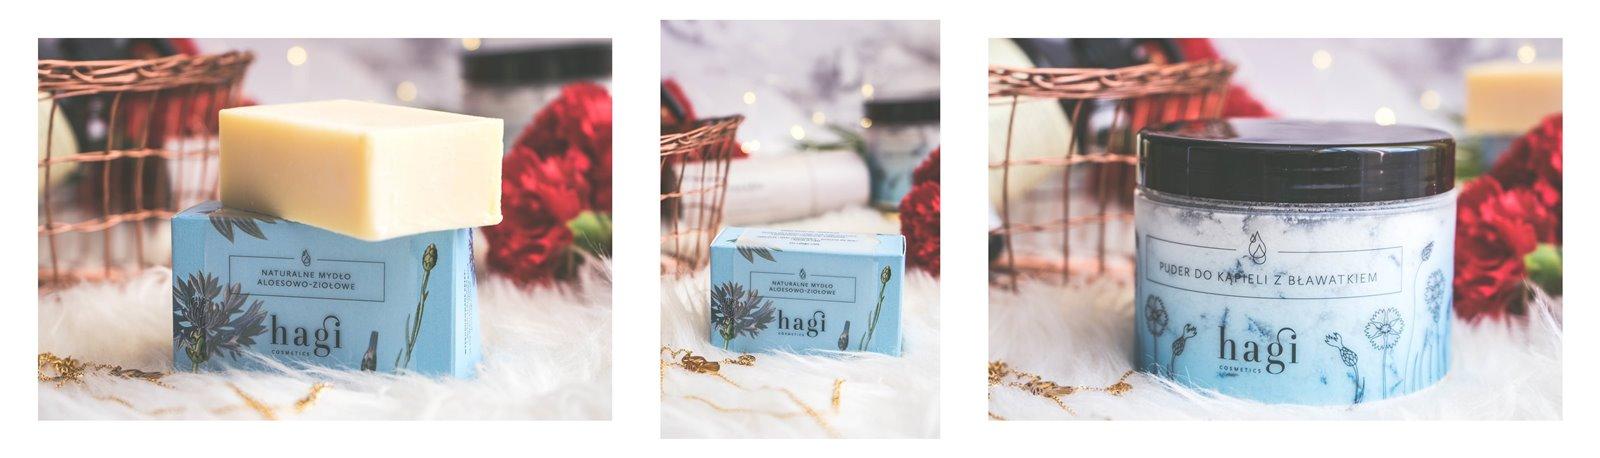 2A hagi kosmetyki opinie jakosć recenzja drogeria pigment kosmetyki z dobrym składem gdzie kupować naturalne produkty puder do kąpieli mydło bez parabenów